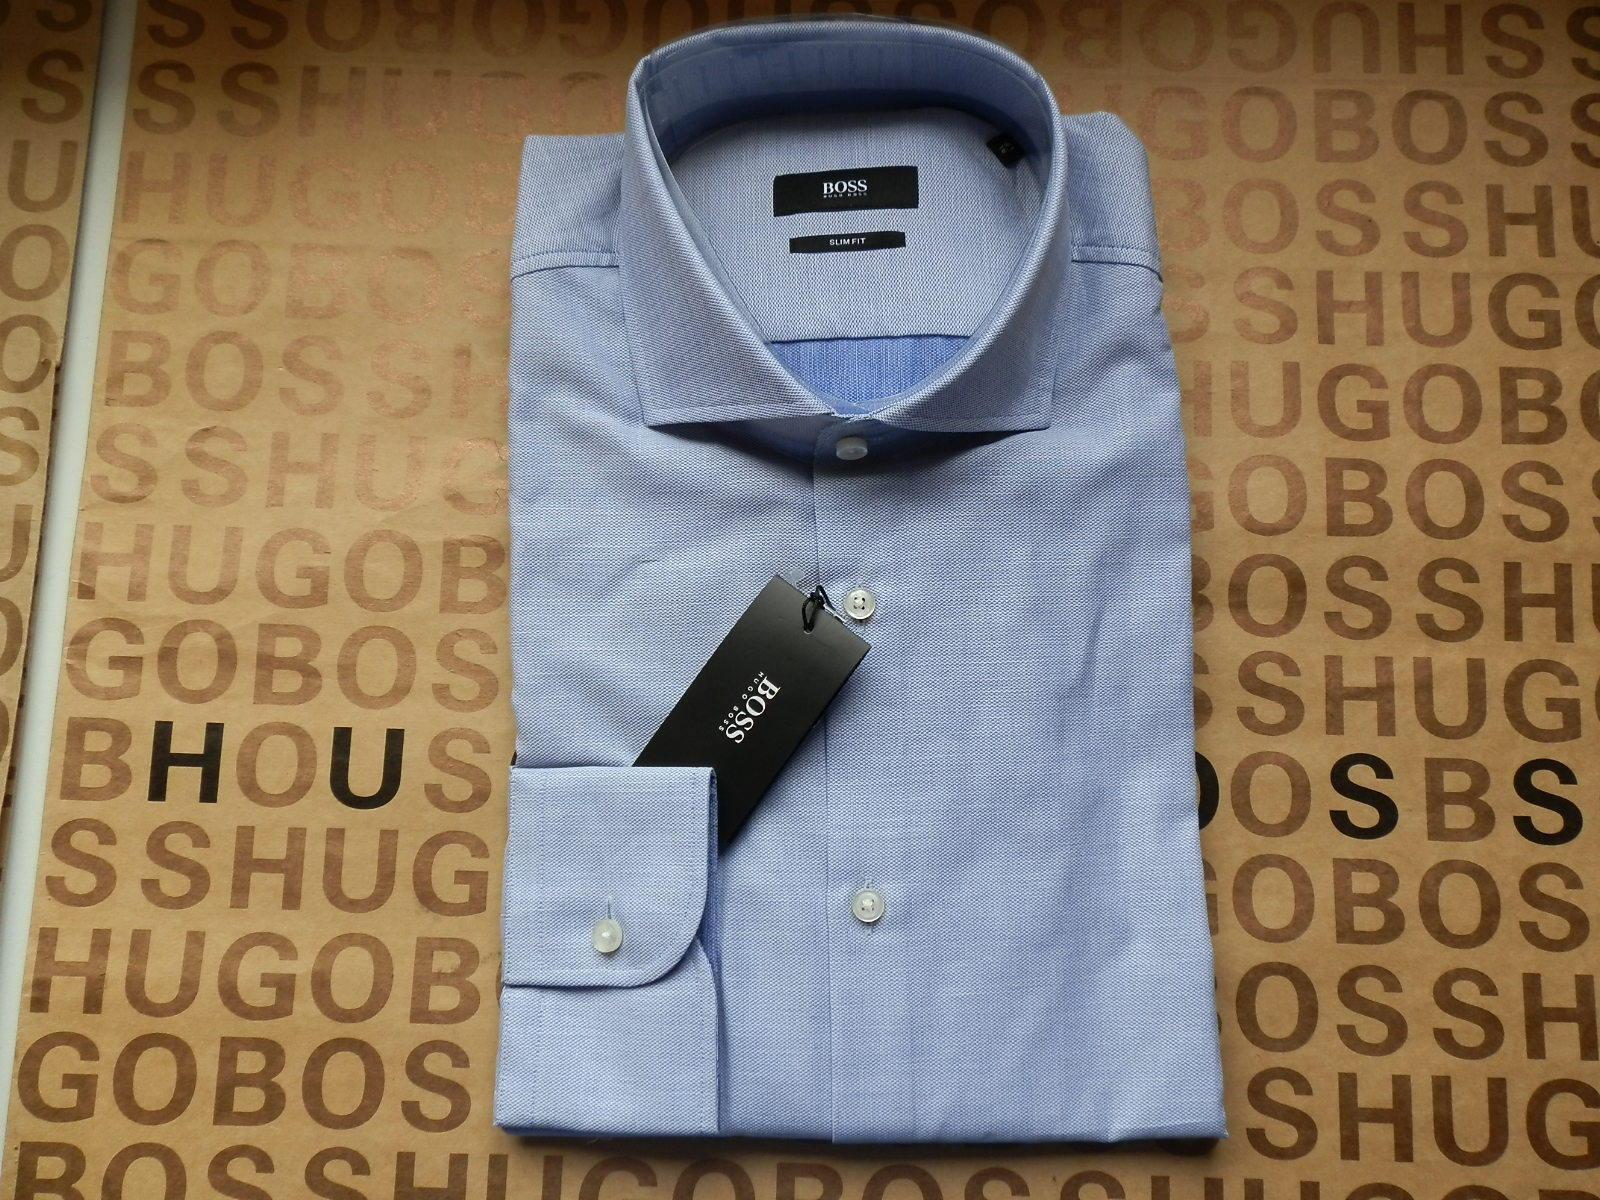 NEW HUGO BOSS MENS Blau SLIM FIT DESIGNER FORMAL SMART SUIT COTTON SHIRT 16 41     | Outlet Online Store